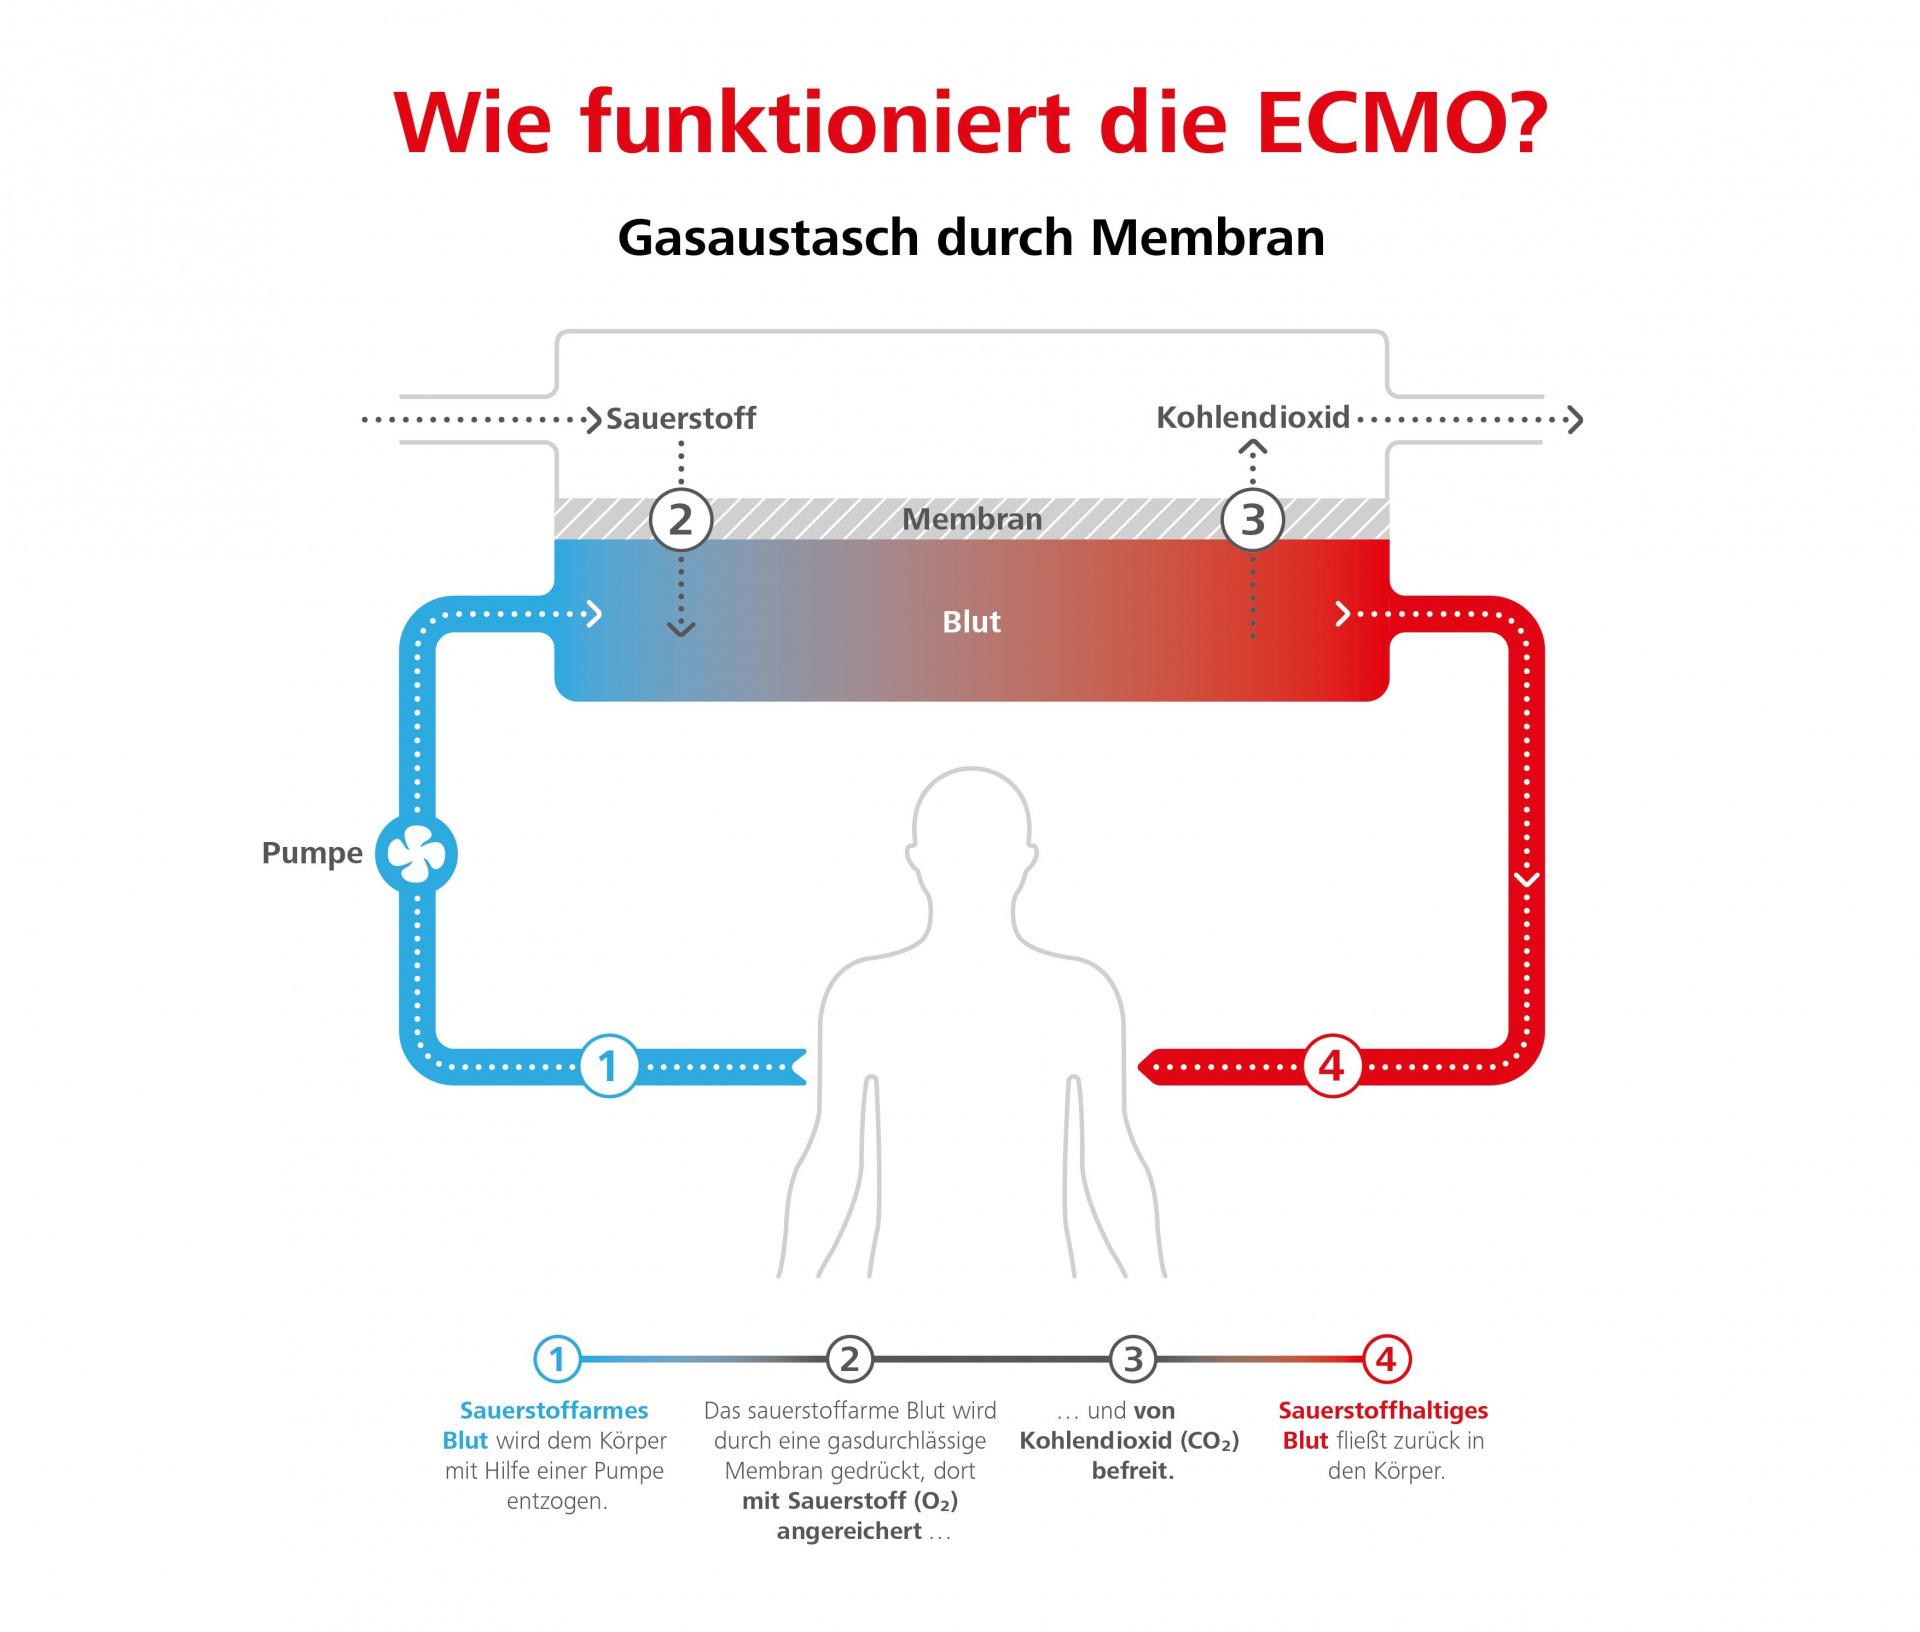 Infografik zur Funktionsweise der ECMO